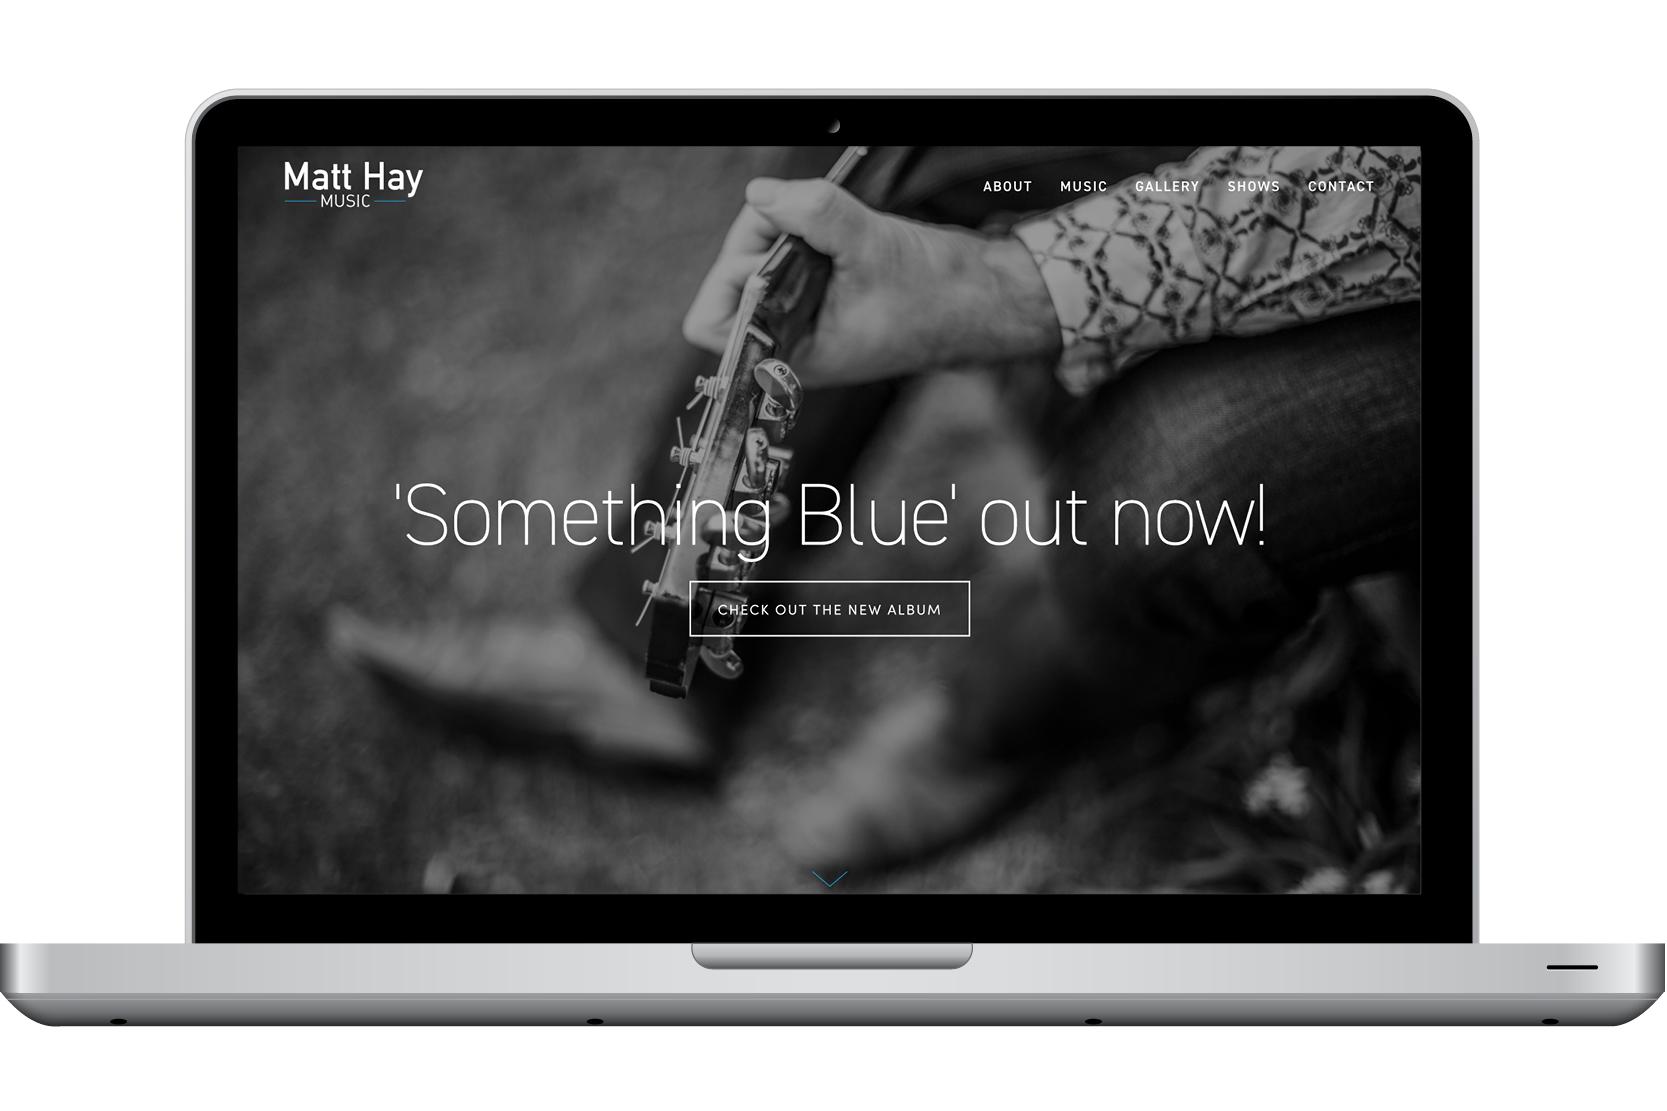 Matt Hay Music website